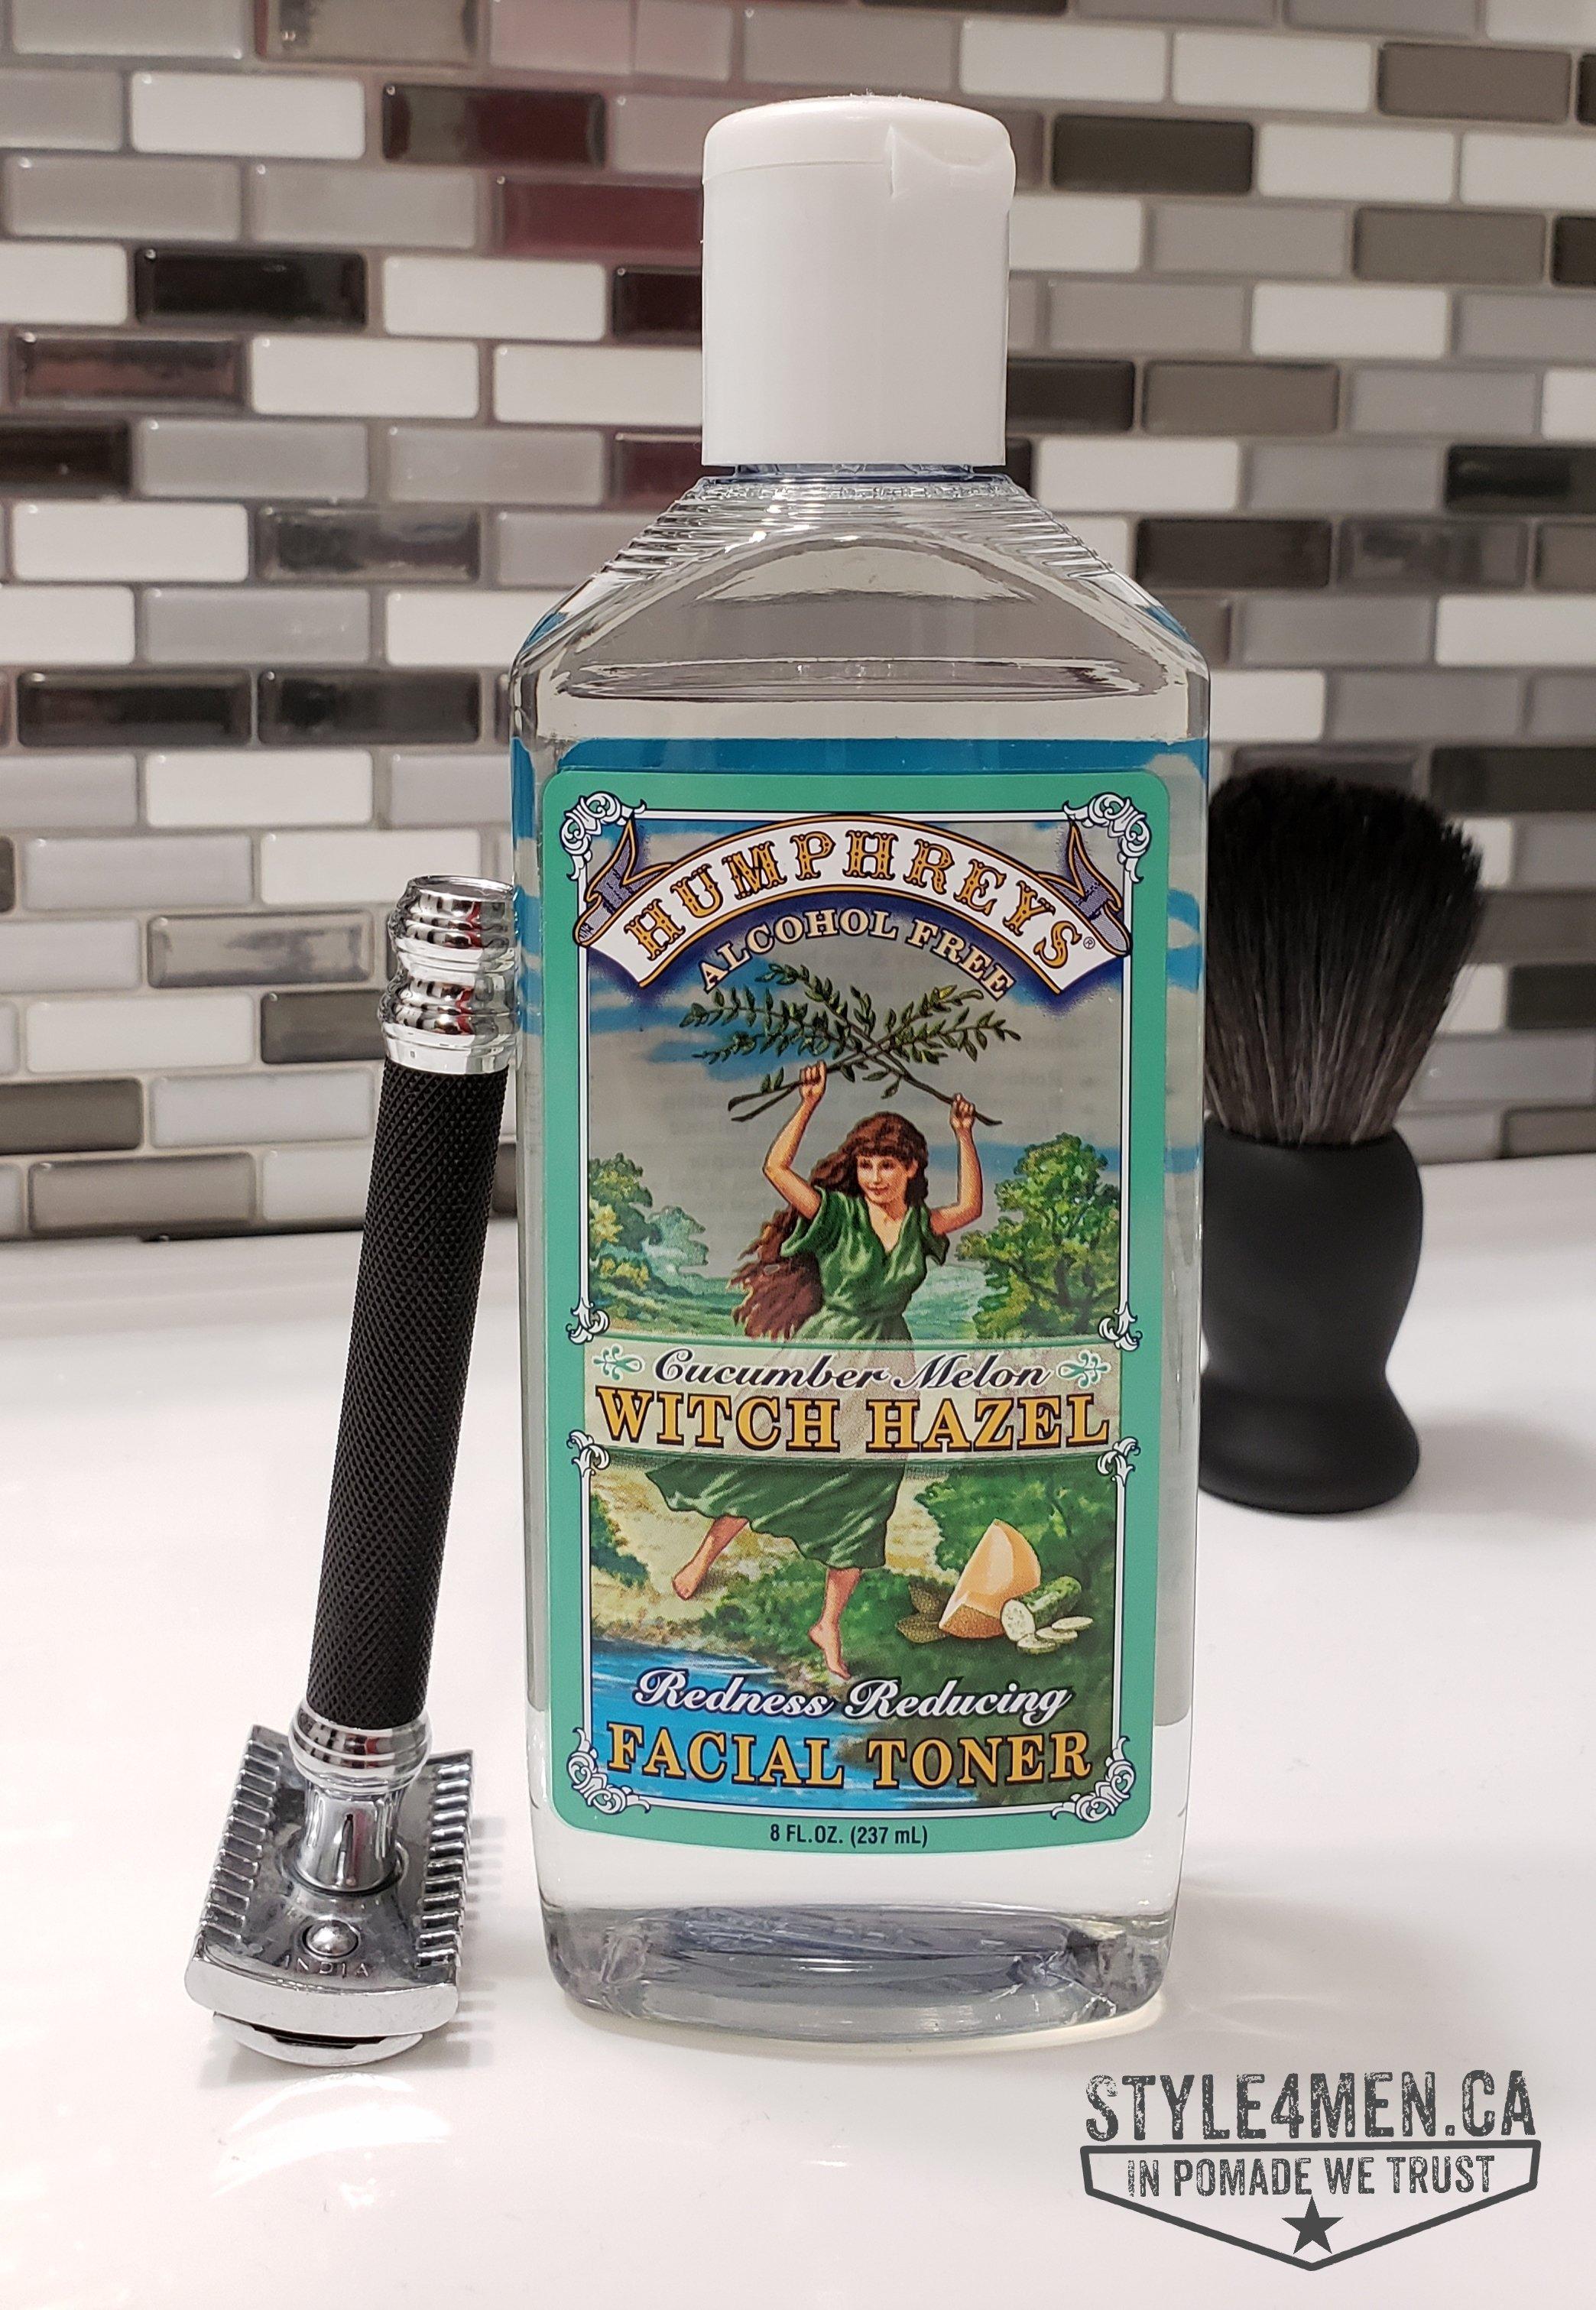 Humphreys Facial Toner / Aftershave